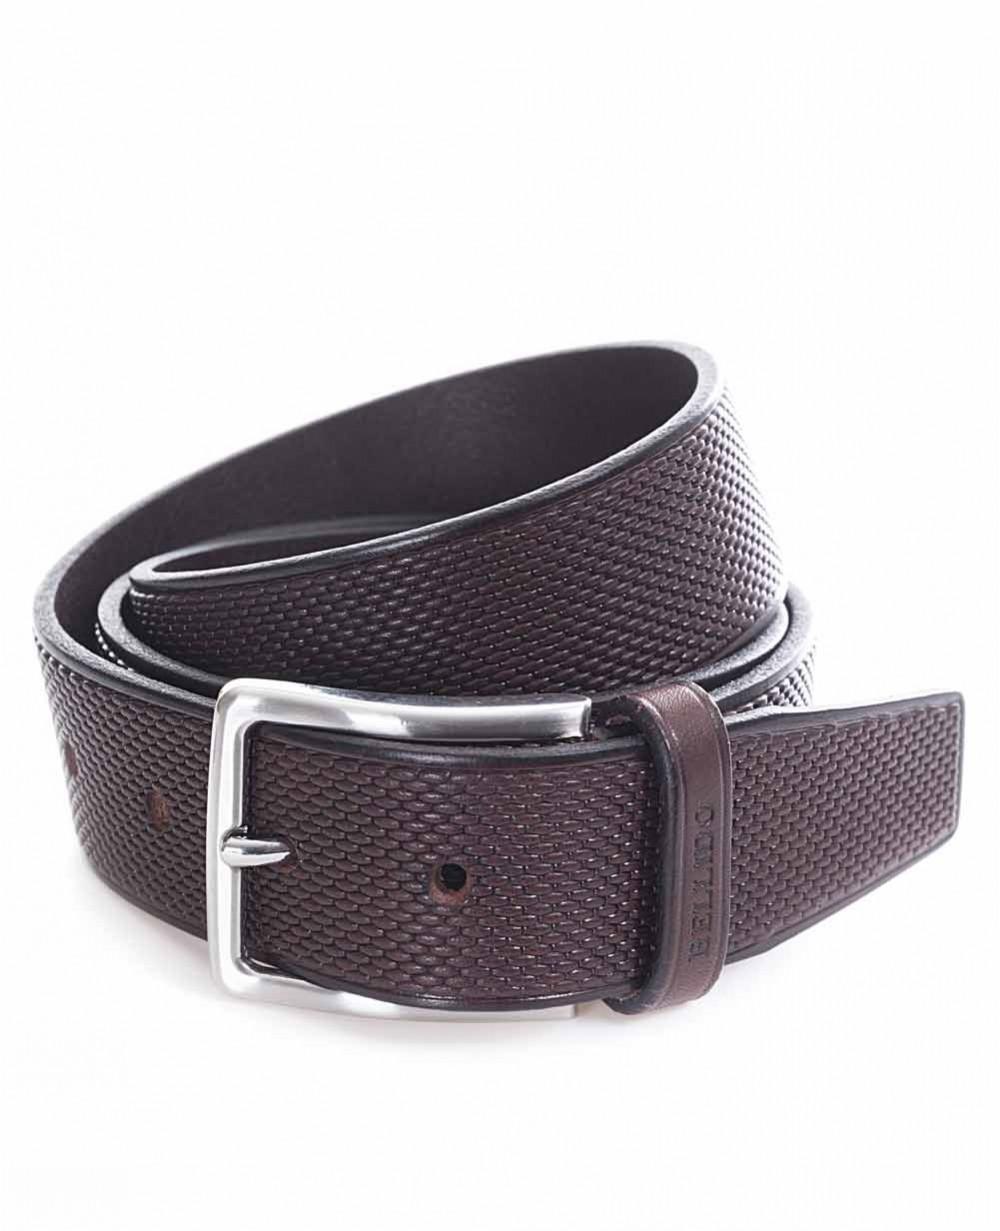 Miguel Bellido Cinturón clásico Piel grabado Marrón 110 (Foto )